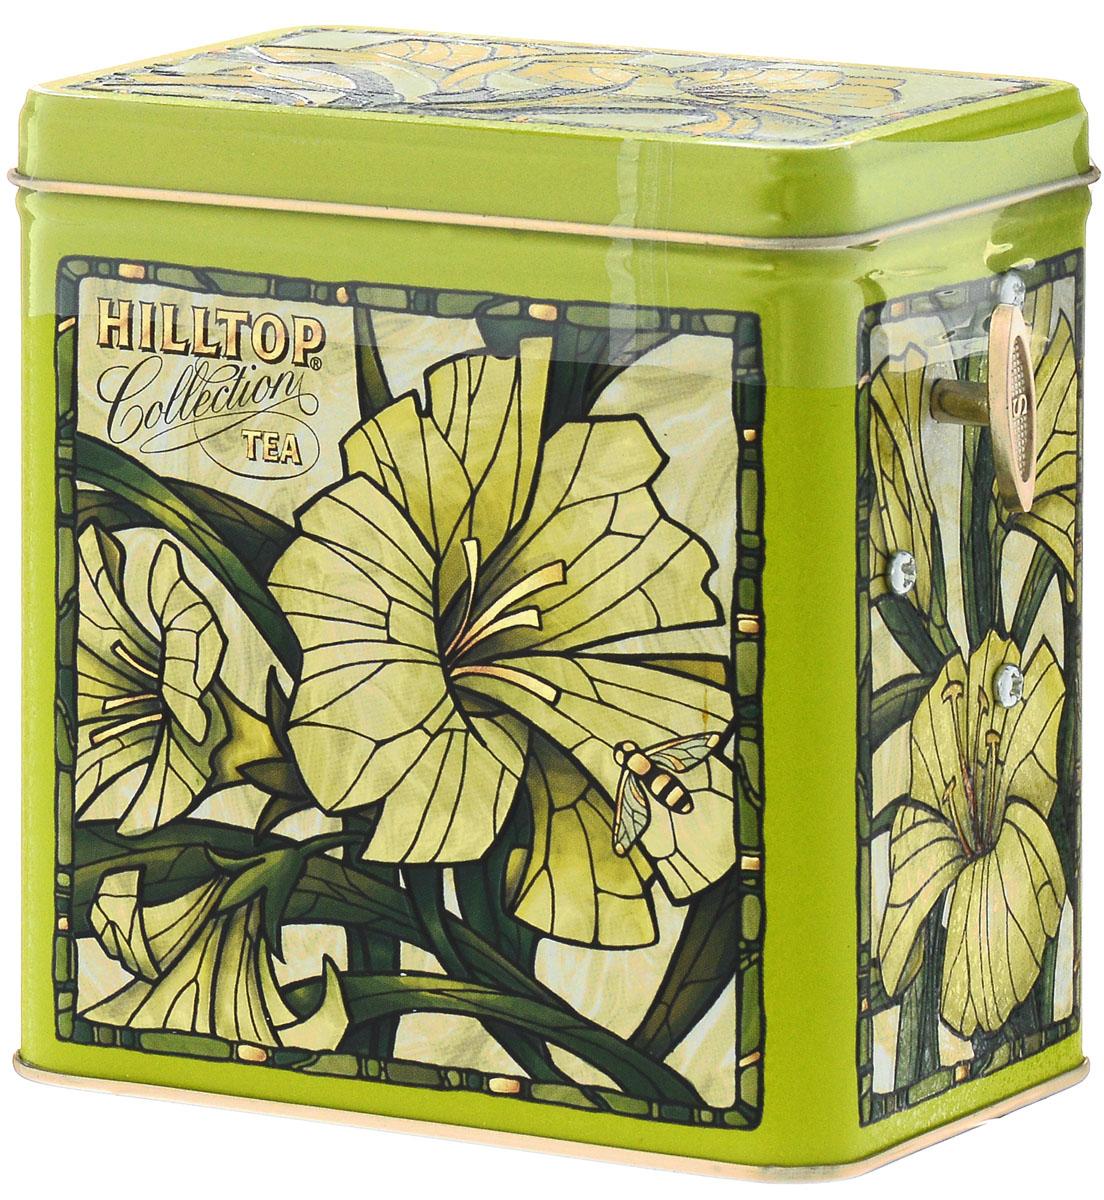 Hilltop Лилии Зеленая симфония набор зеленого листового чая в музыкальной шкатулке, 125 г hilltop розы 1001 ночь набор зеленого и черного листового чая в музыкальной шкатулке 125 г